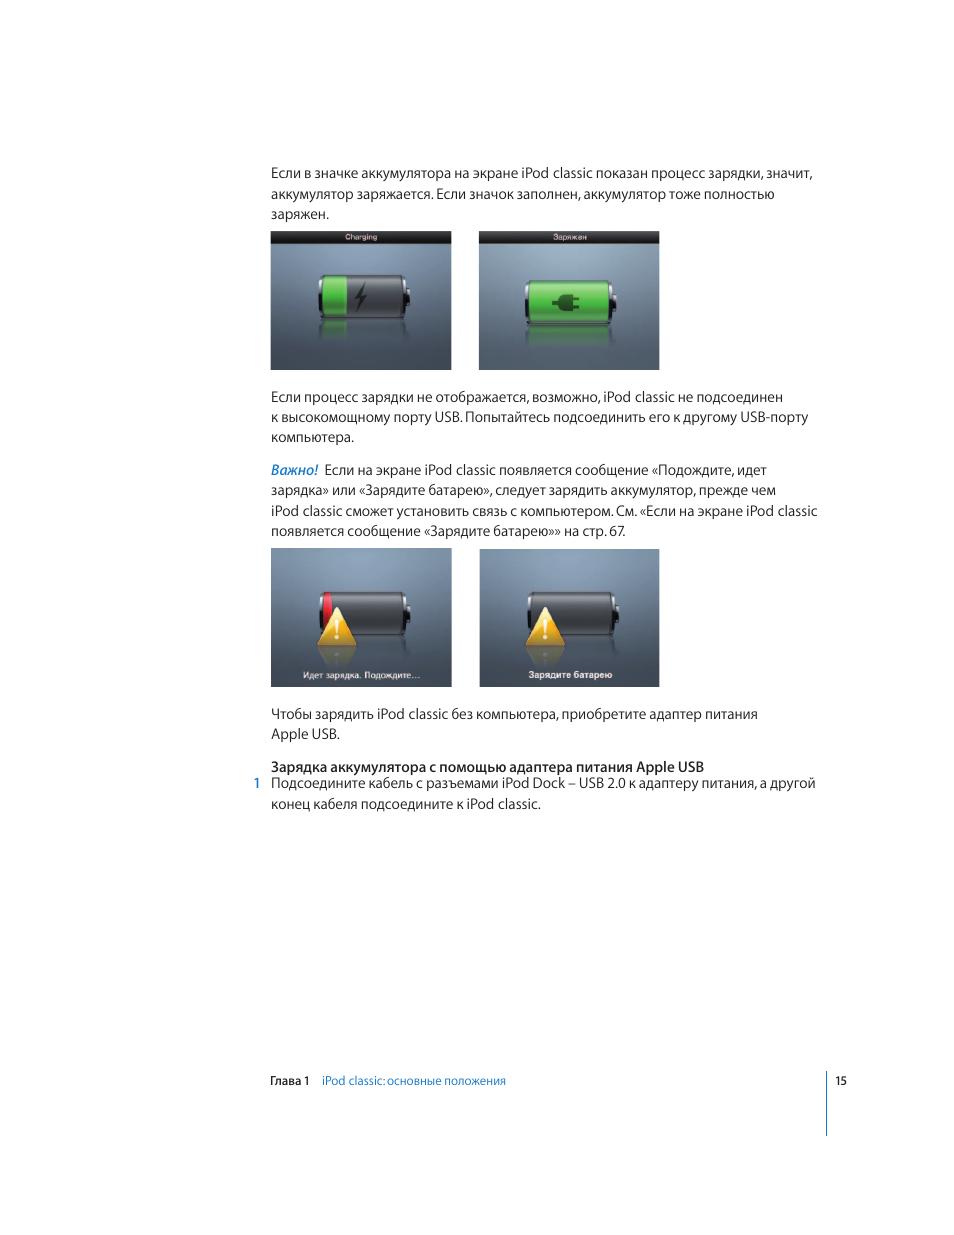 Инструкция по эксплуатации ipod classic